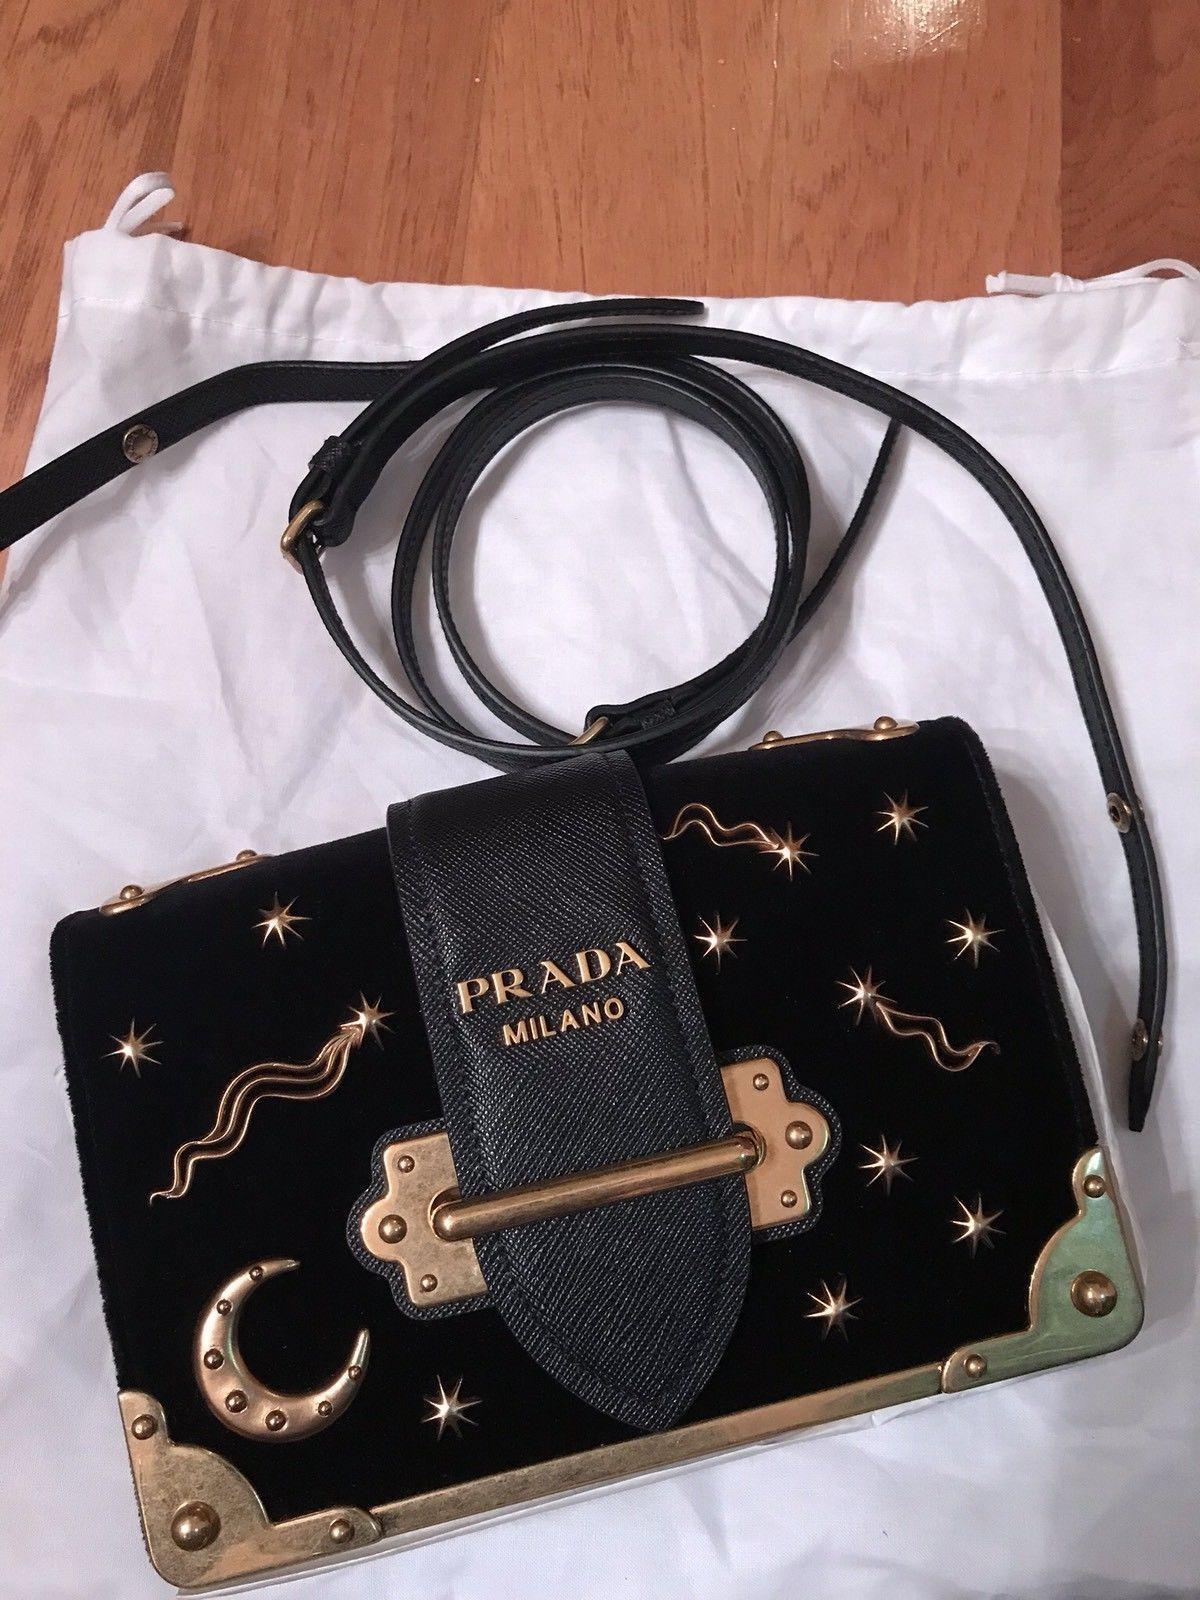 d4b884905413 cheapest prada cahier black velvet clutch cross body bag astronomy 299e6  965be